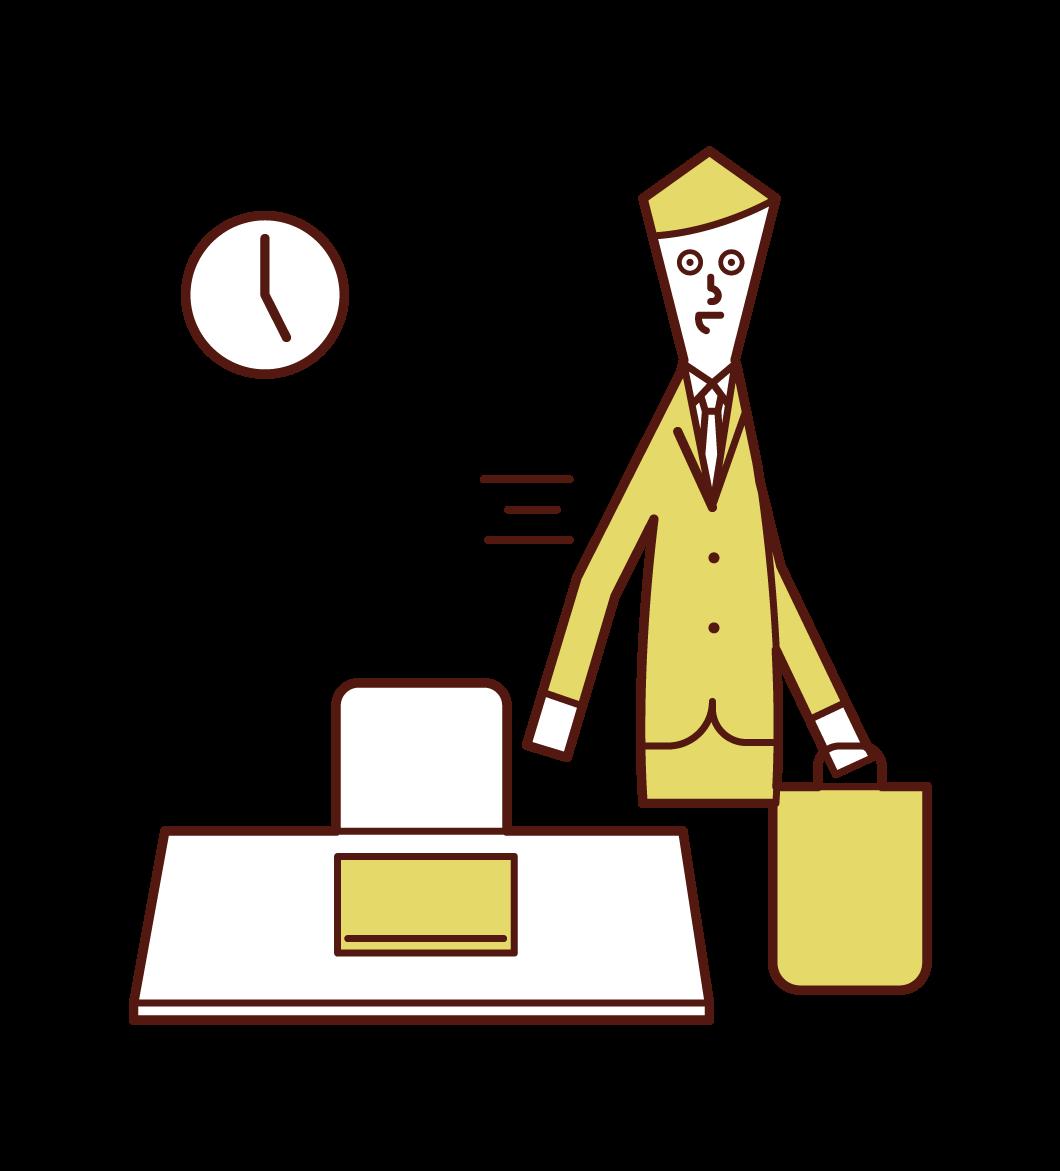 退社する人(男性)のイラスト